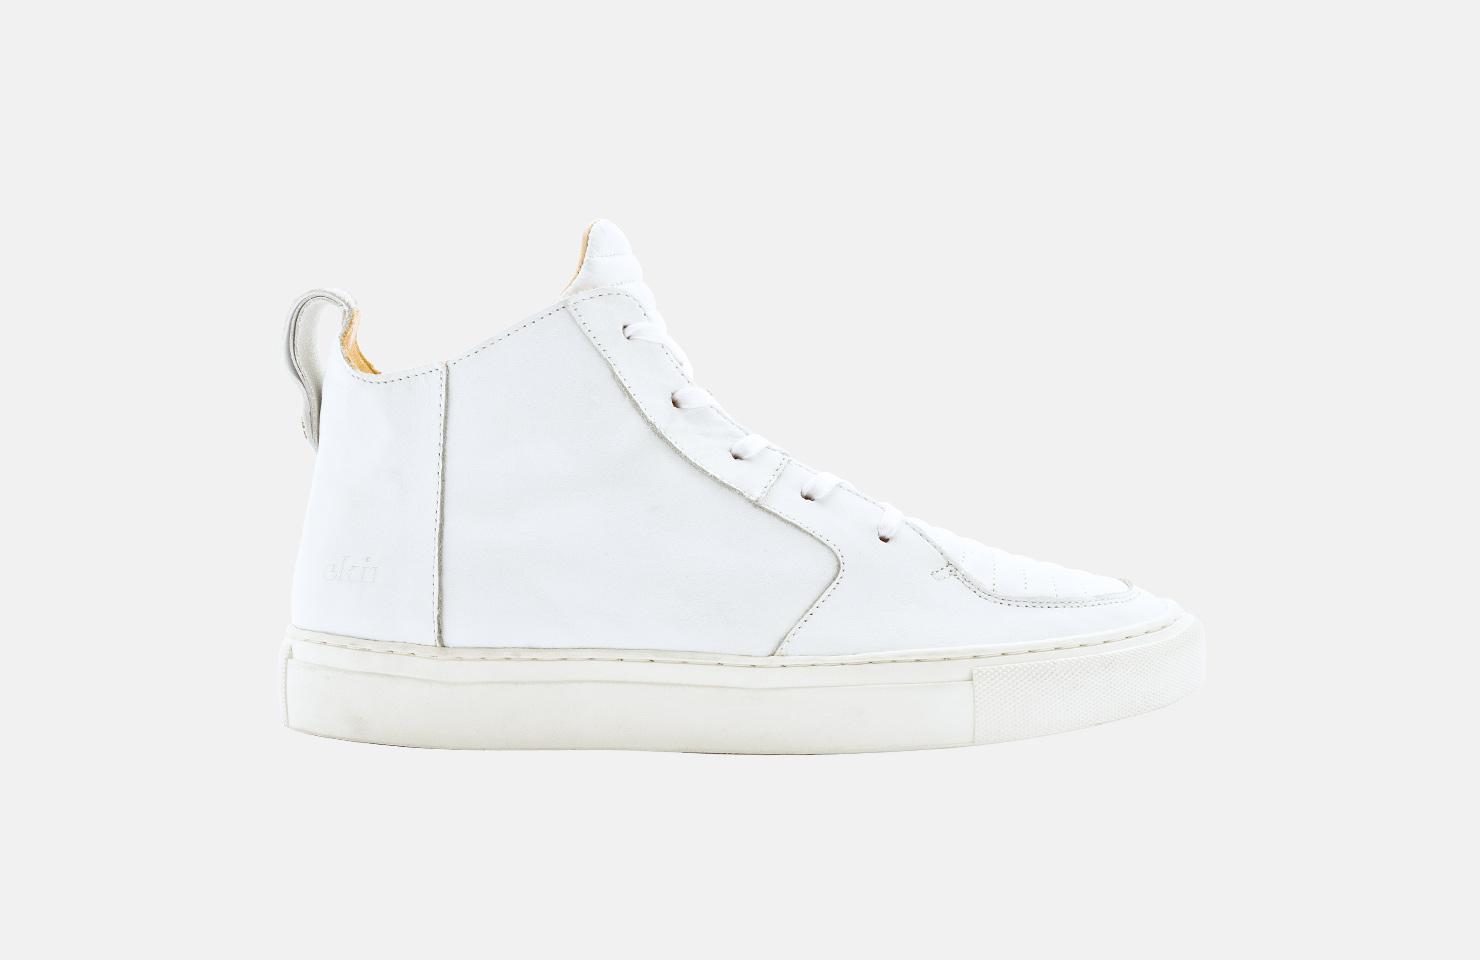 Argan Mid / White